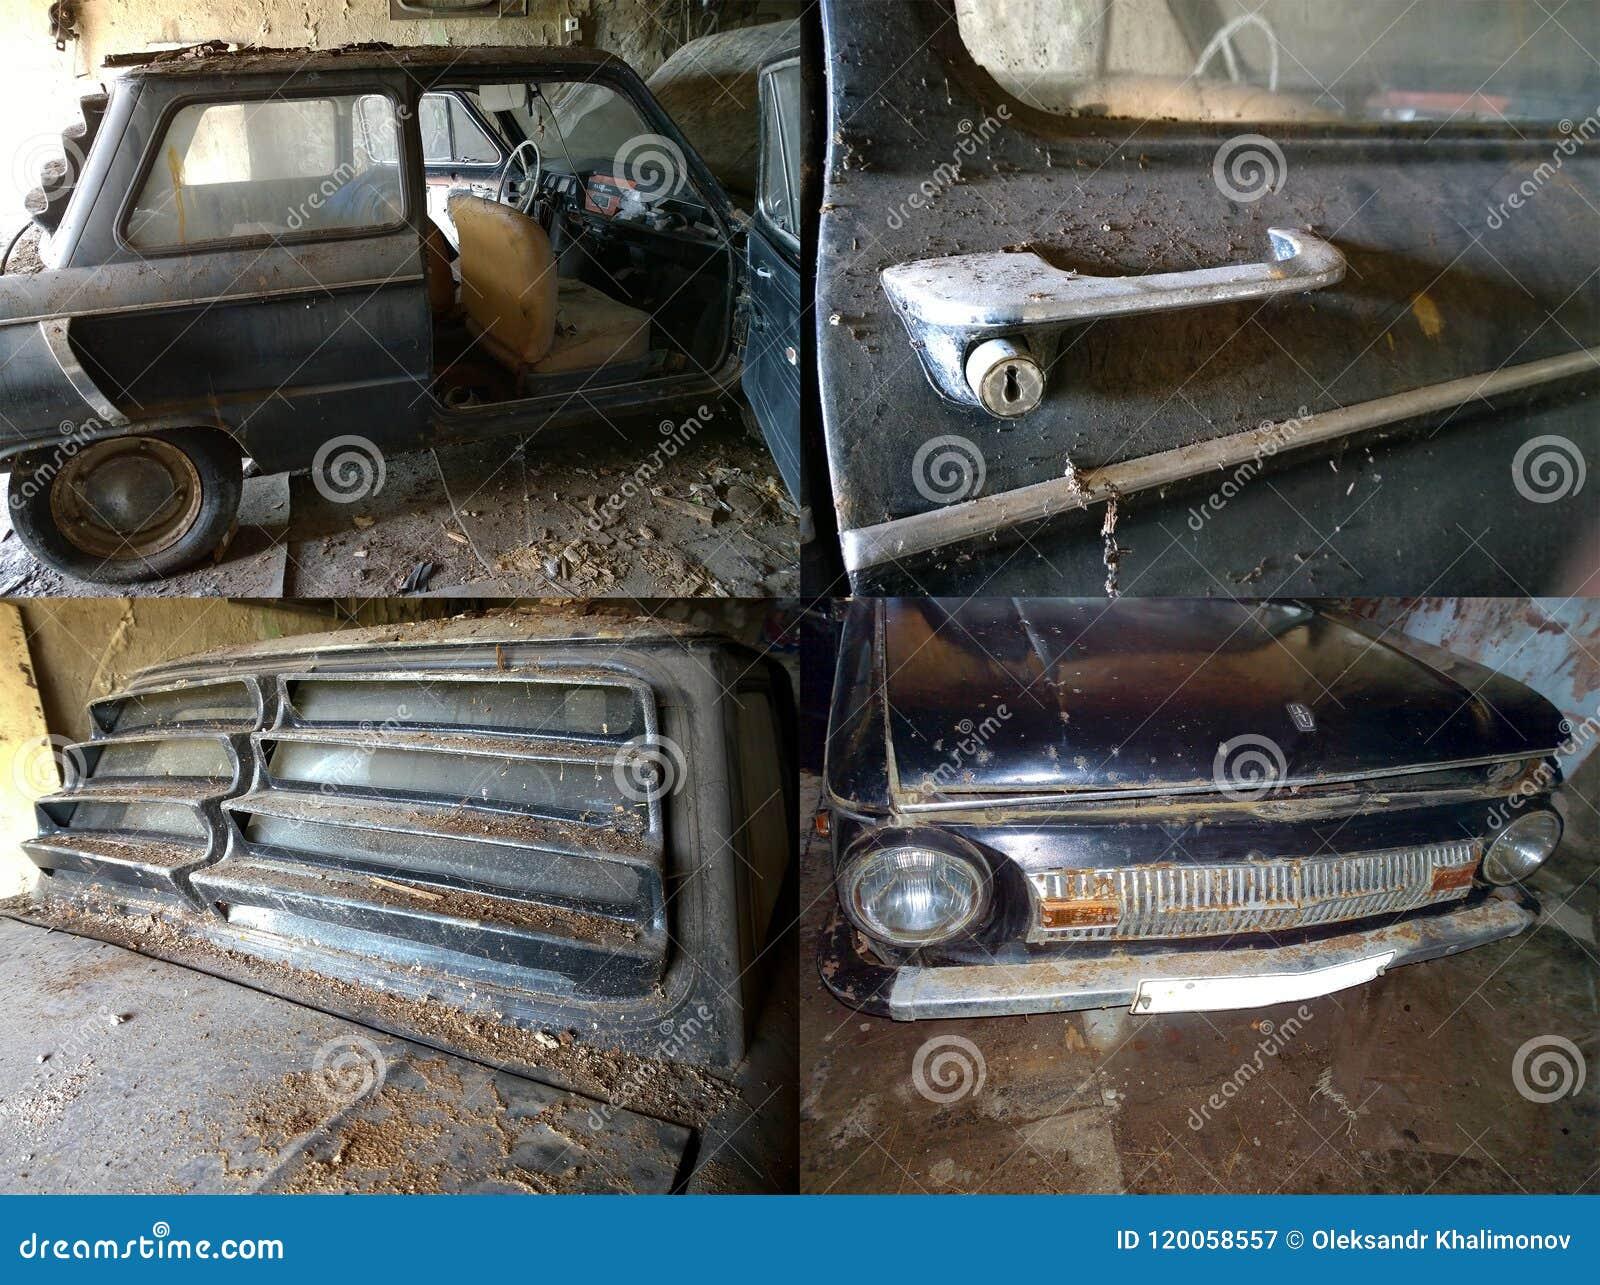 Уникальный дизельный универсал ЗАЗ 968 вновь выставили на продажу ... | 1061x1300